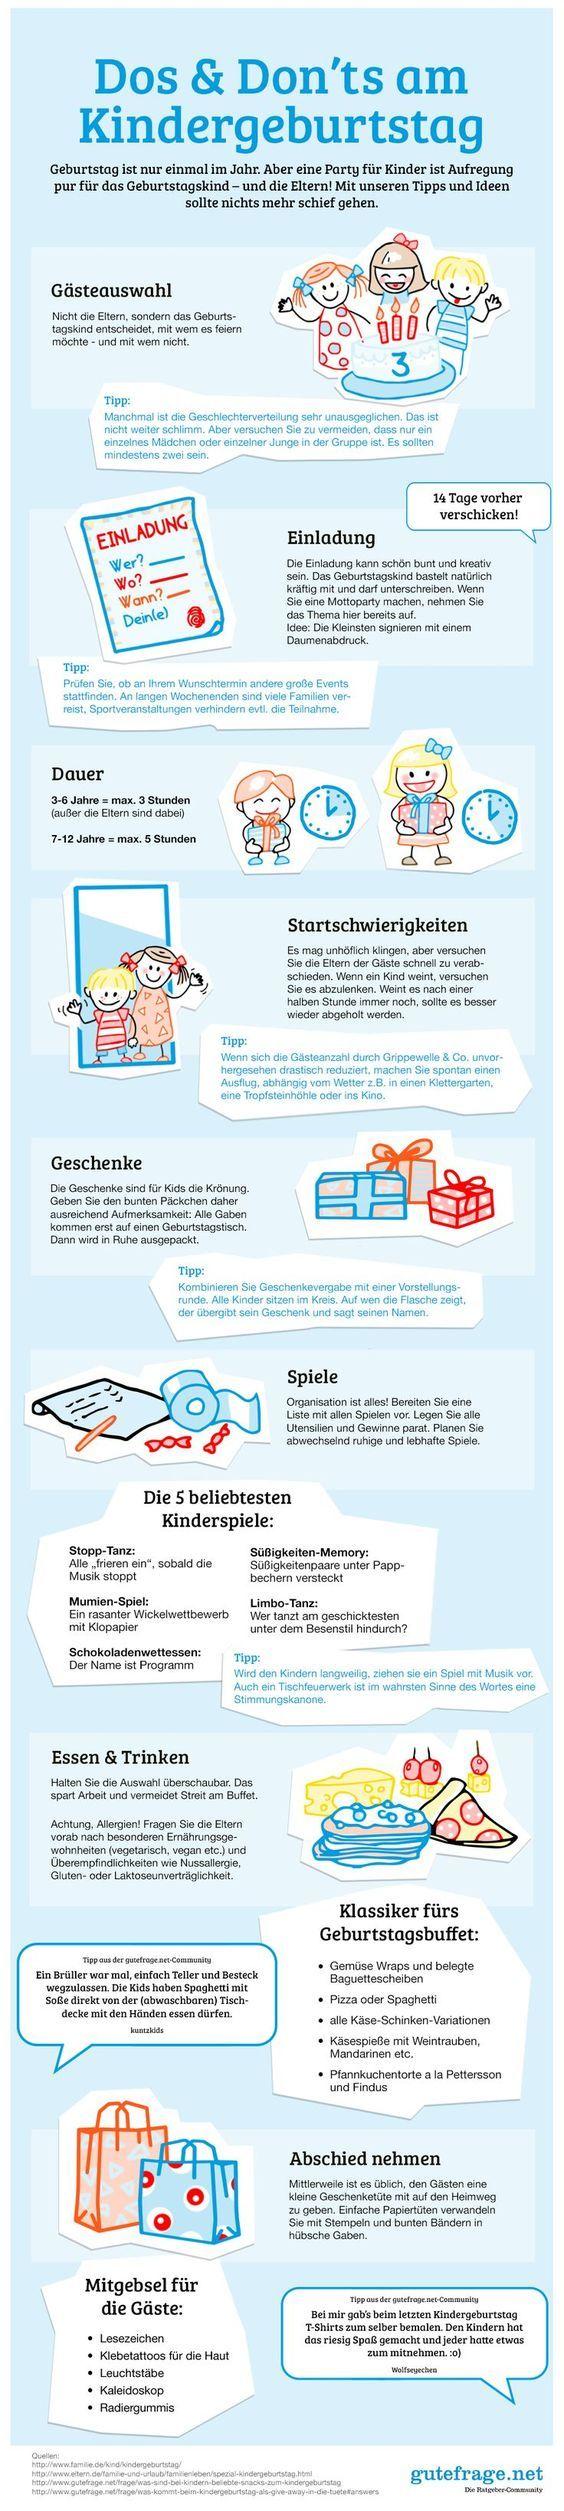 Wie geht das am Besten mit dem Kindergeburtstag - Sehr hilfreicher Überblick der Do's and Don'ts ★